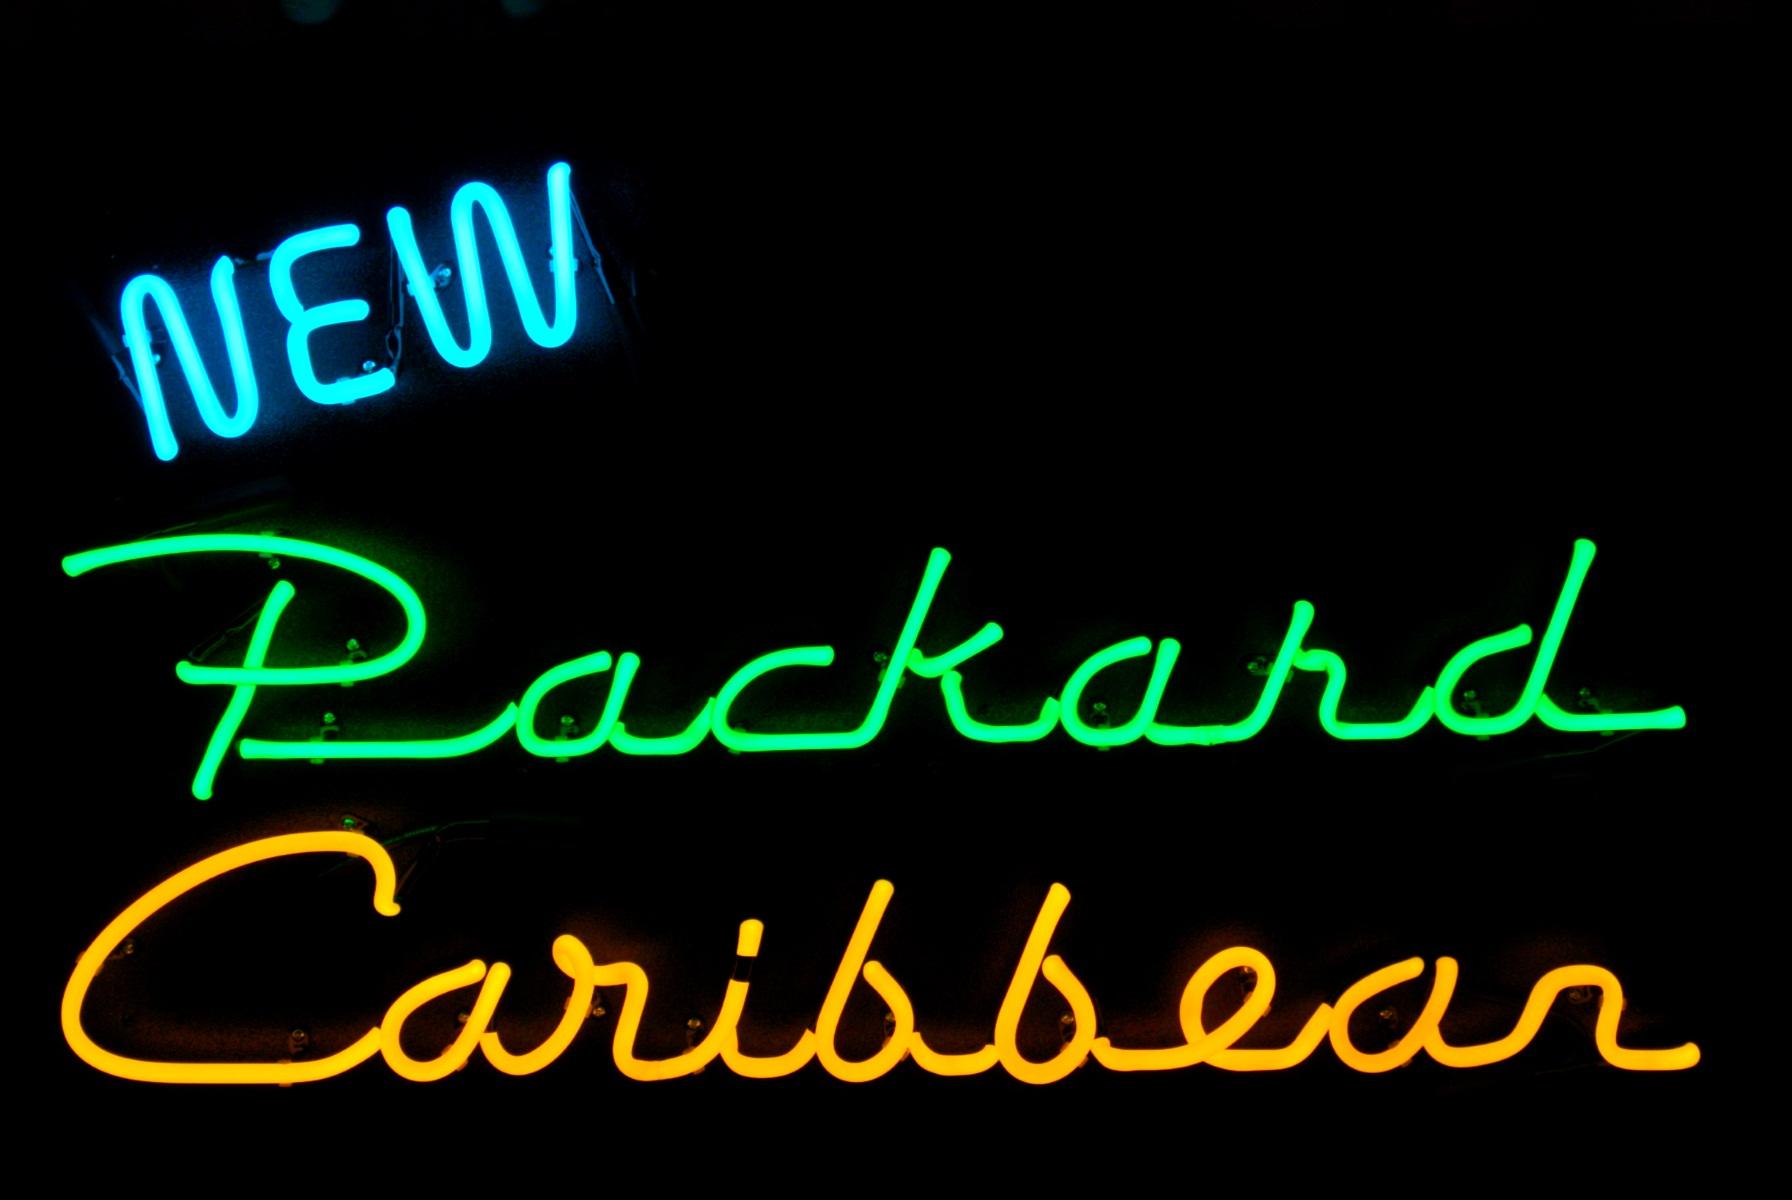 PACKARD CARIBBEAN NEON SIGN - by John Barton - former Packard New Car Dealer - BartonNeonMagic.com